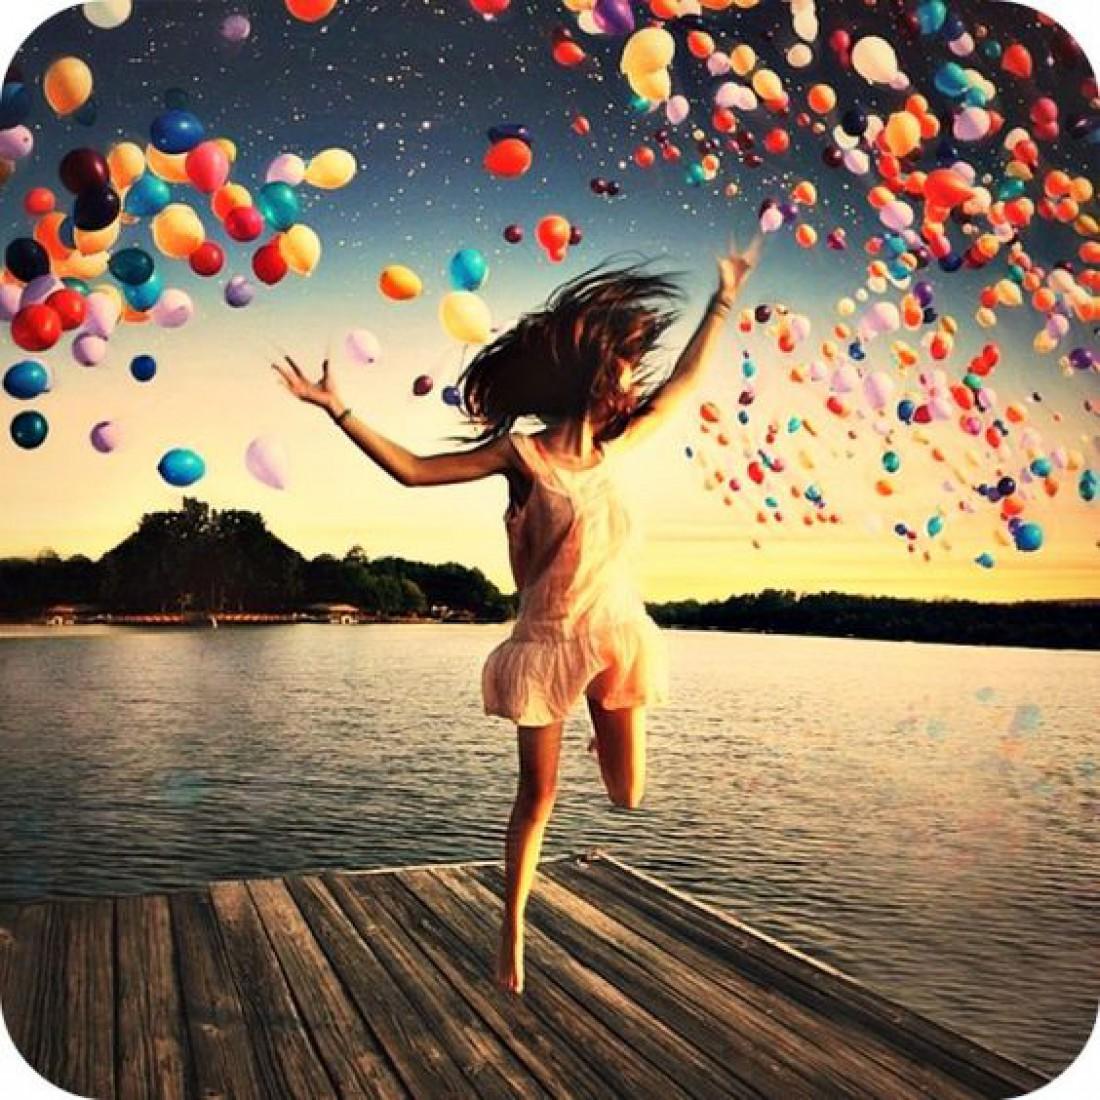 Как полюбить себя и начать новую жизнь: советы, упражнения, книги